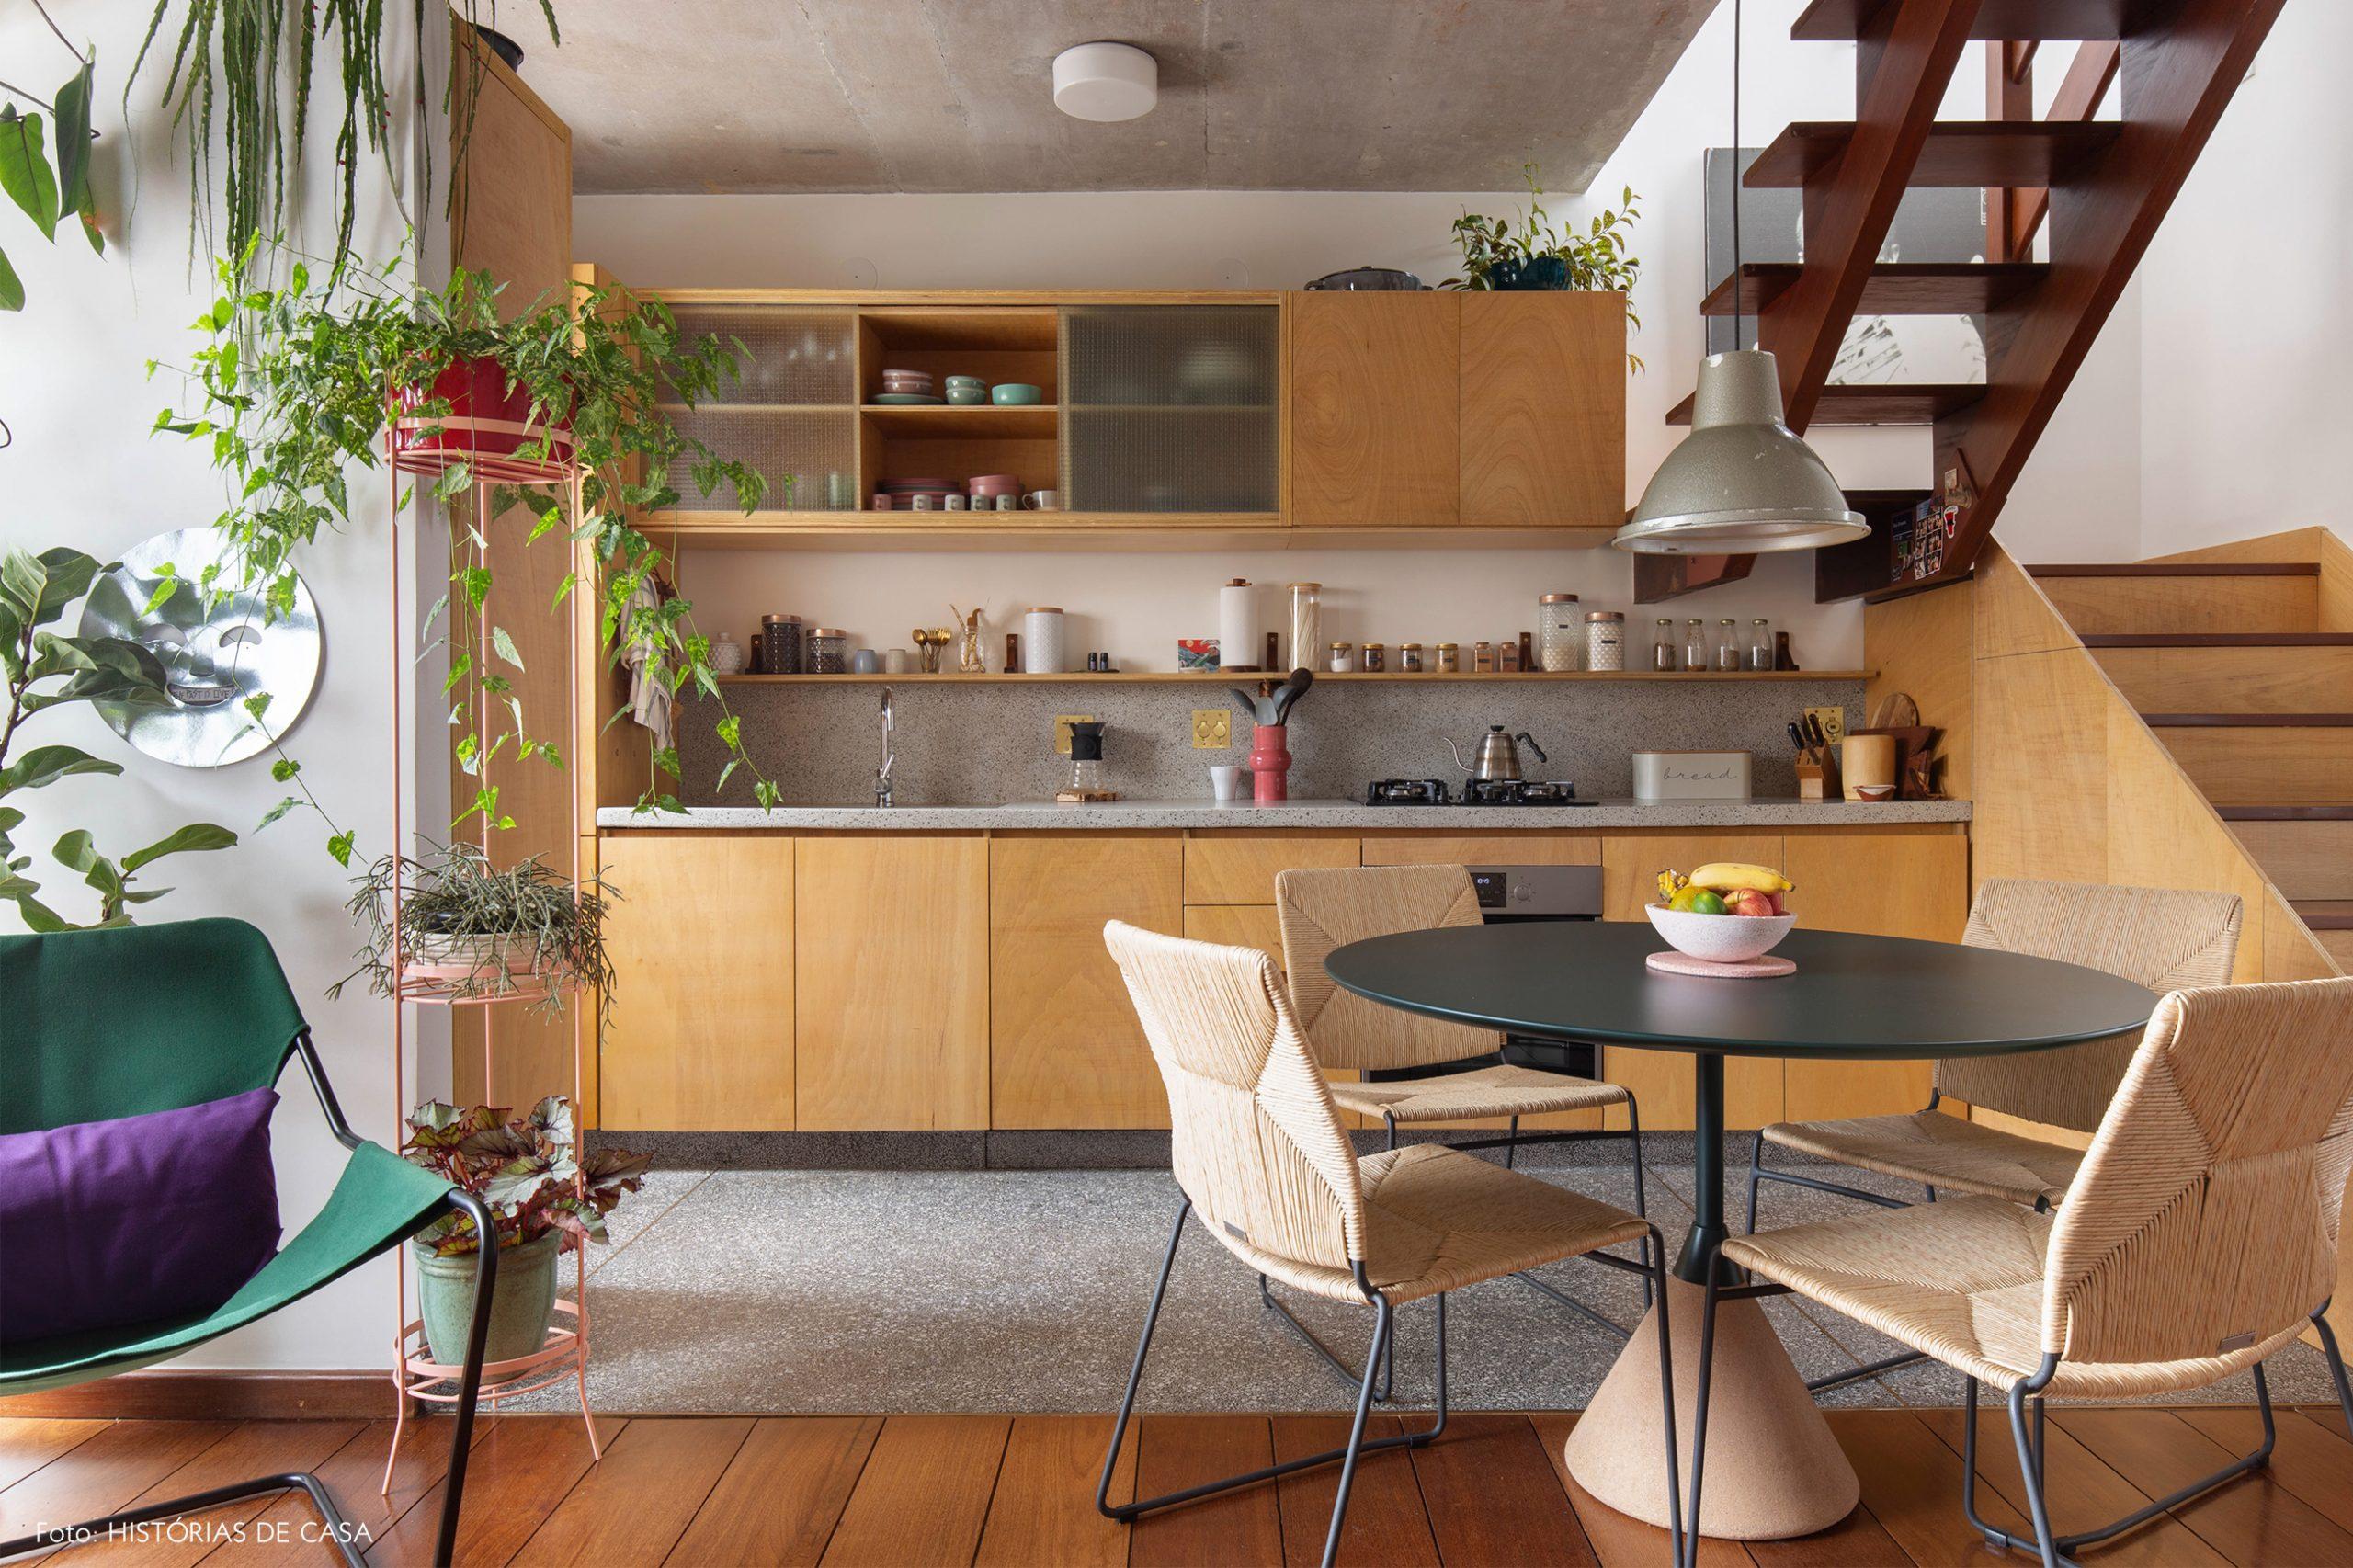 decoração cozinha com armarios de madeira clara e mesa redonda escura